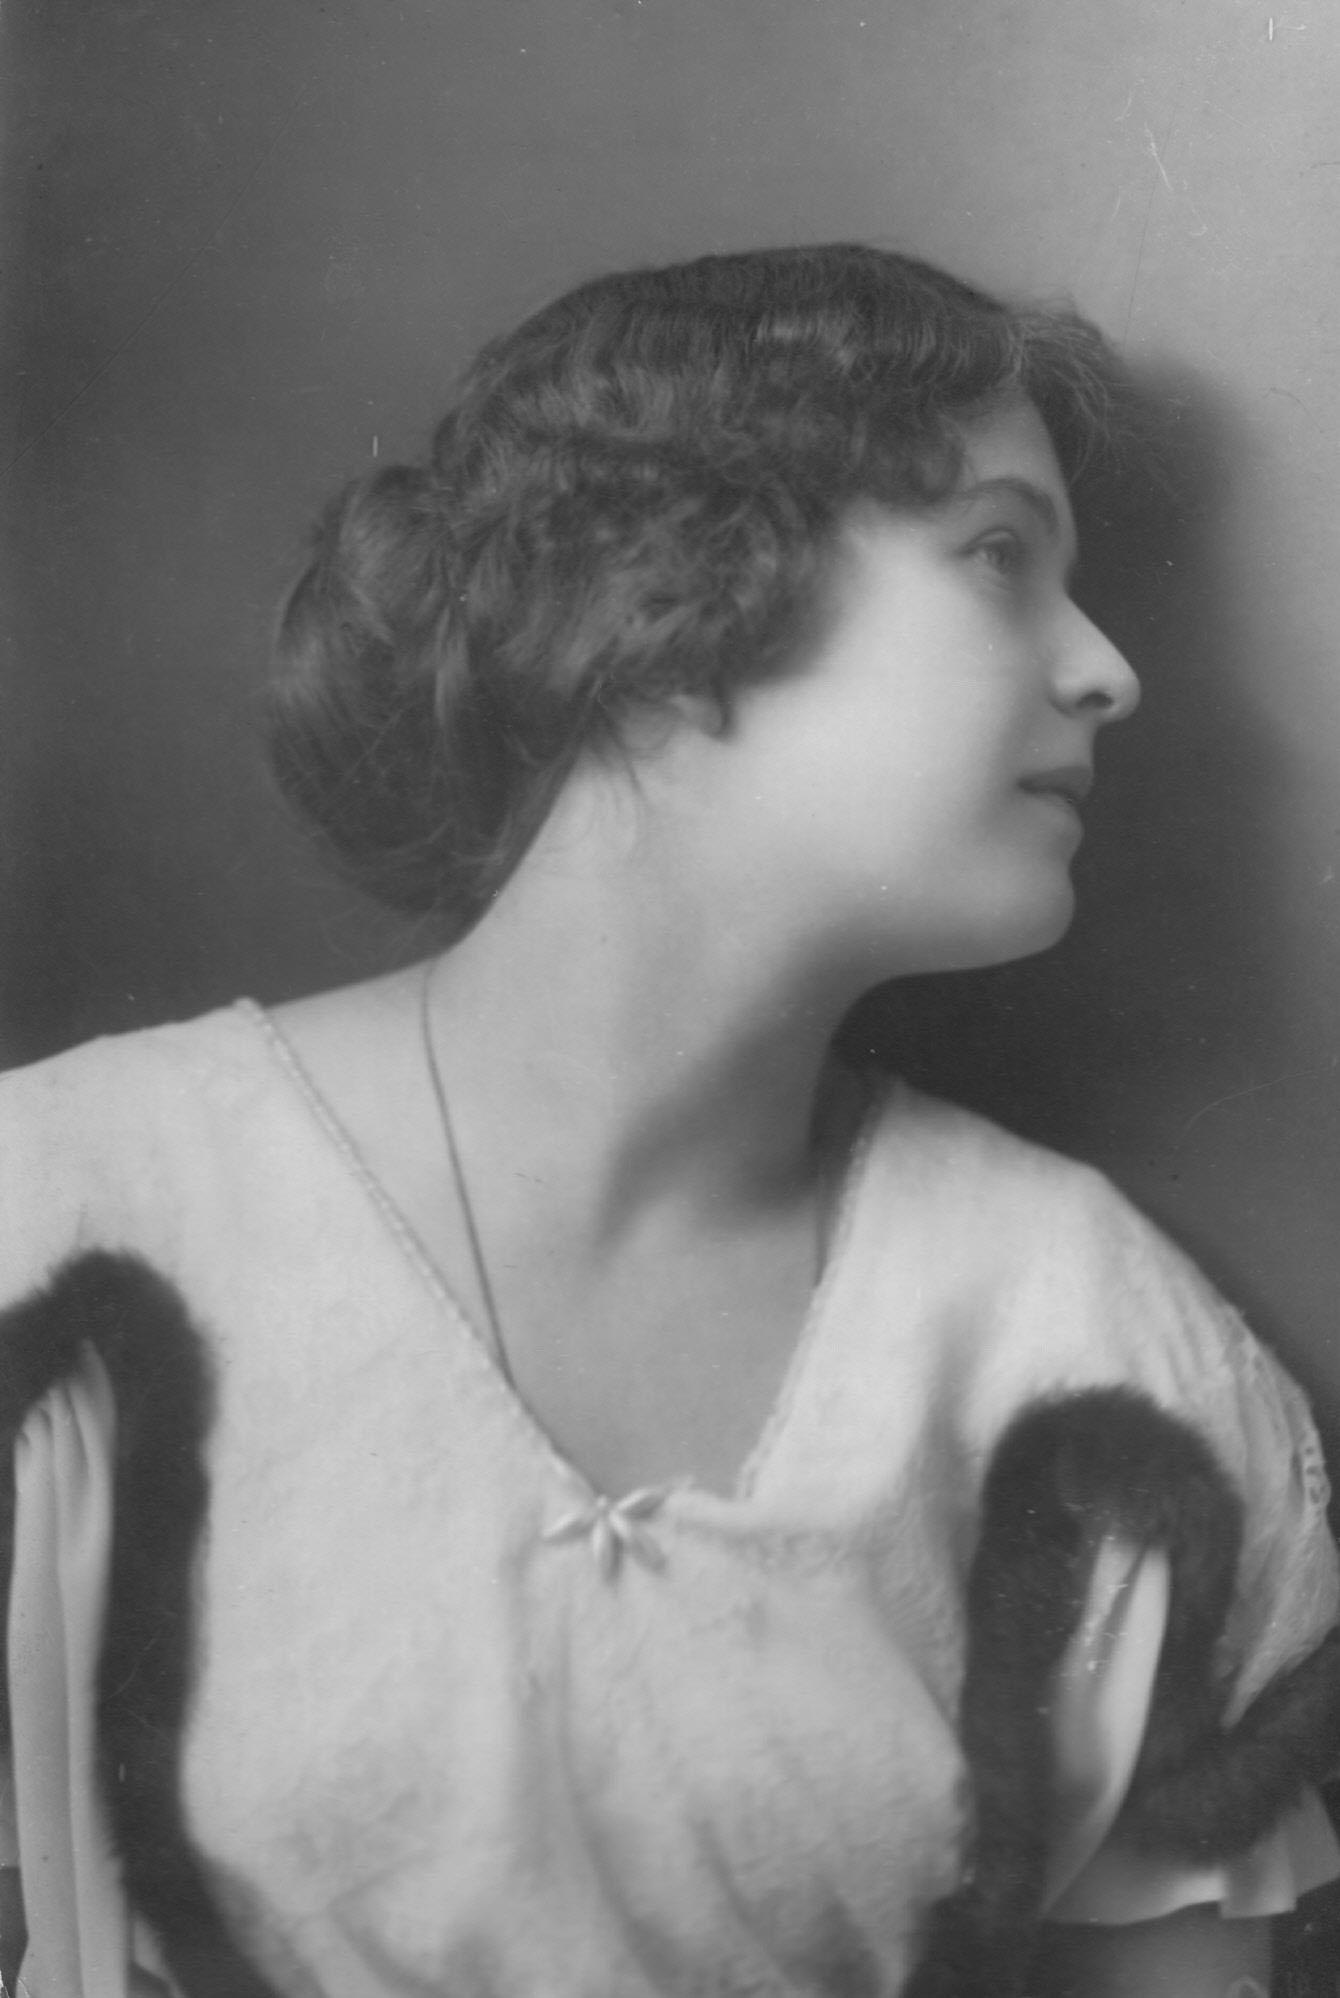 17. Евгения Михайловна Вольф-Израэль (по мужу Вивьен; 21 декабря 1895 (2) января 1896 год — 9 ноября 1975) — советская театральная актриса, народная артистка РСФСР.